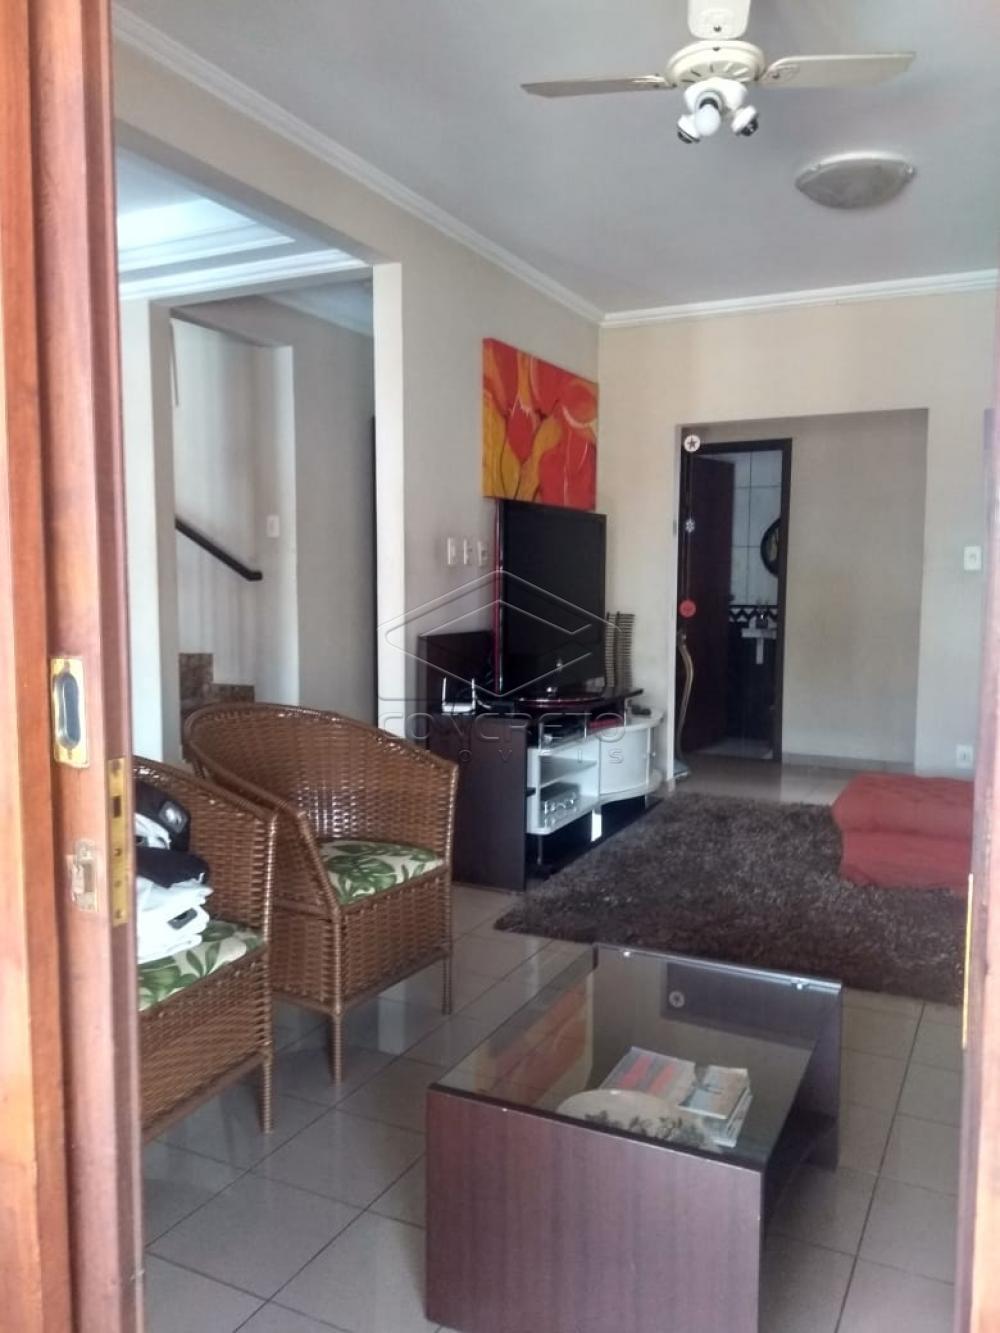 Comprar Casa / Padrão em Bauru apenas R$ 580.000,00 - Foto 7